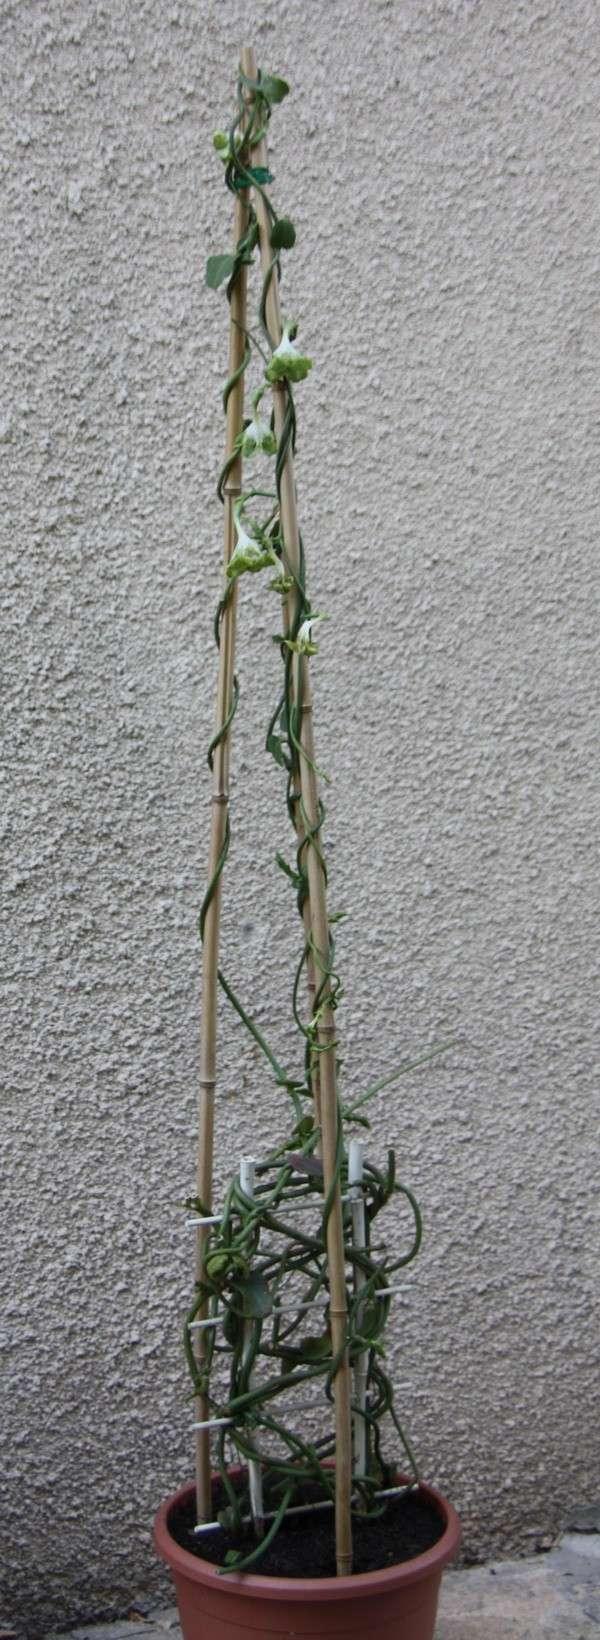 Plante d'appartement peut-être hoya ? non :  ceropegia sandersonii ou plante parachute  Img_9210